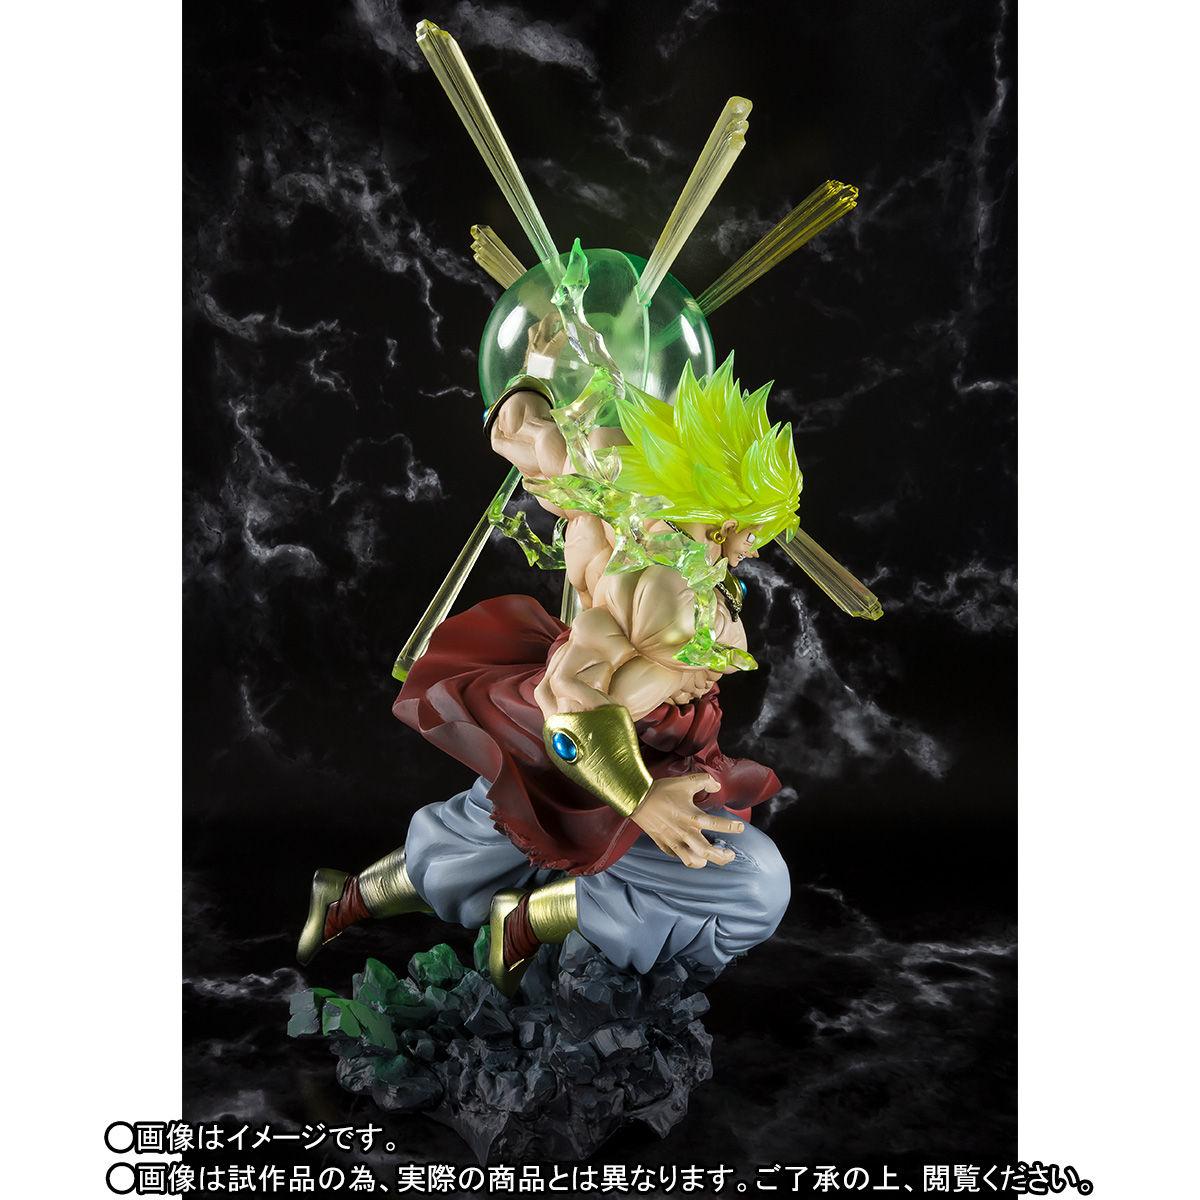 フィギュアーツZERO『スーパーサイヤ人ブロリー -熱戦-』ドラゴンボールZ 完成品フィギュア-005